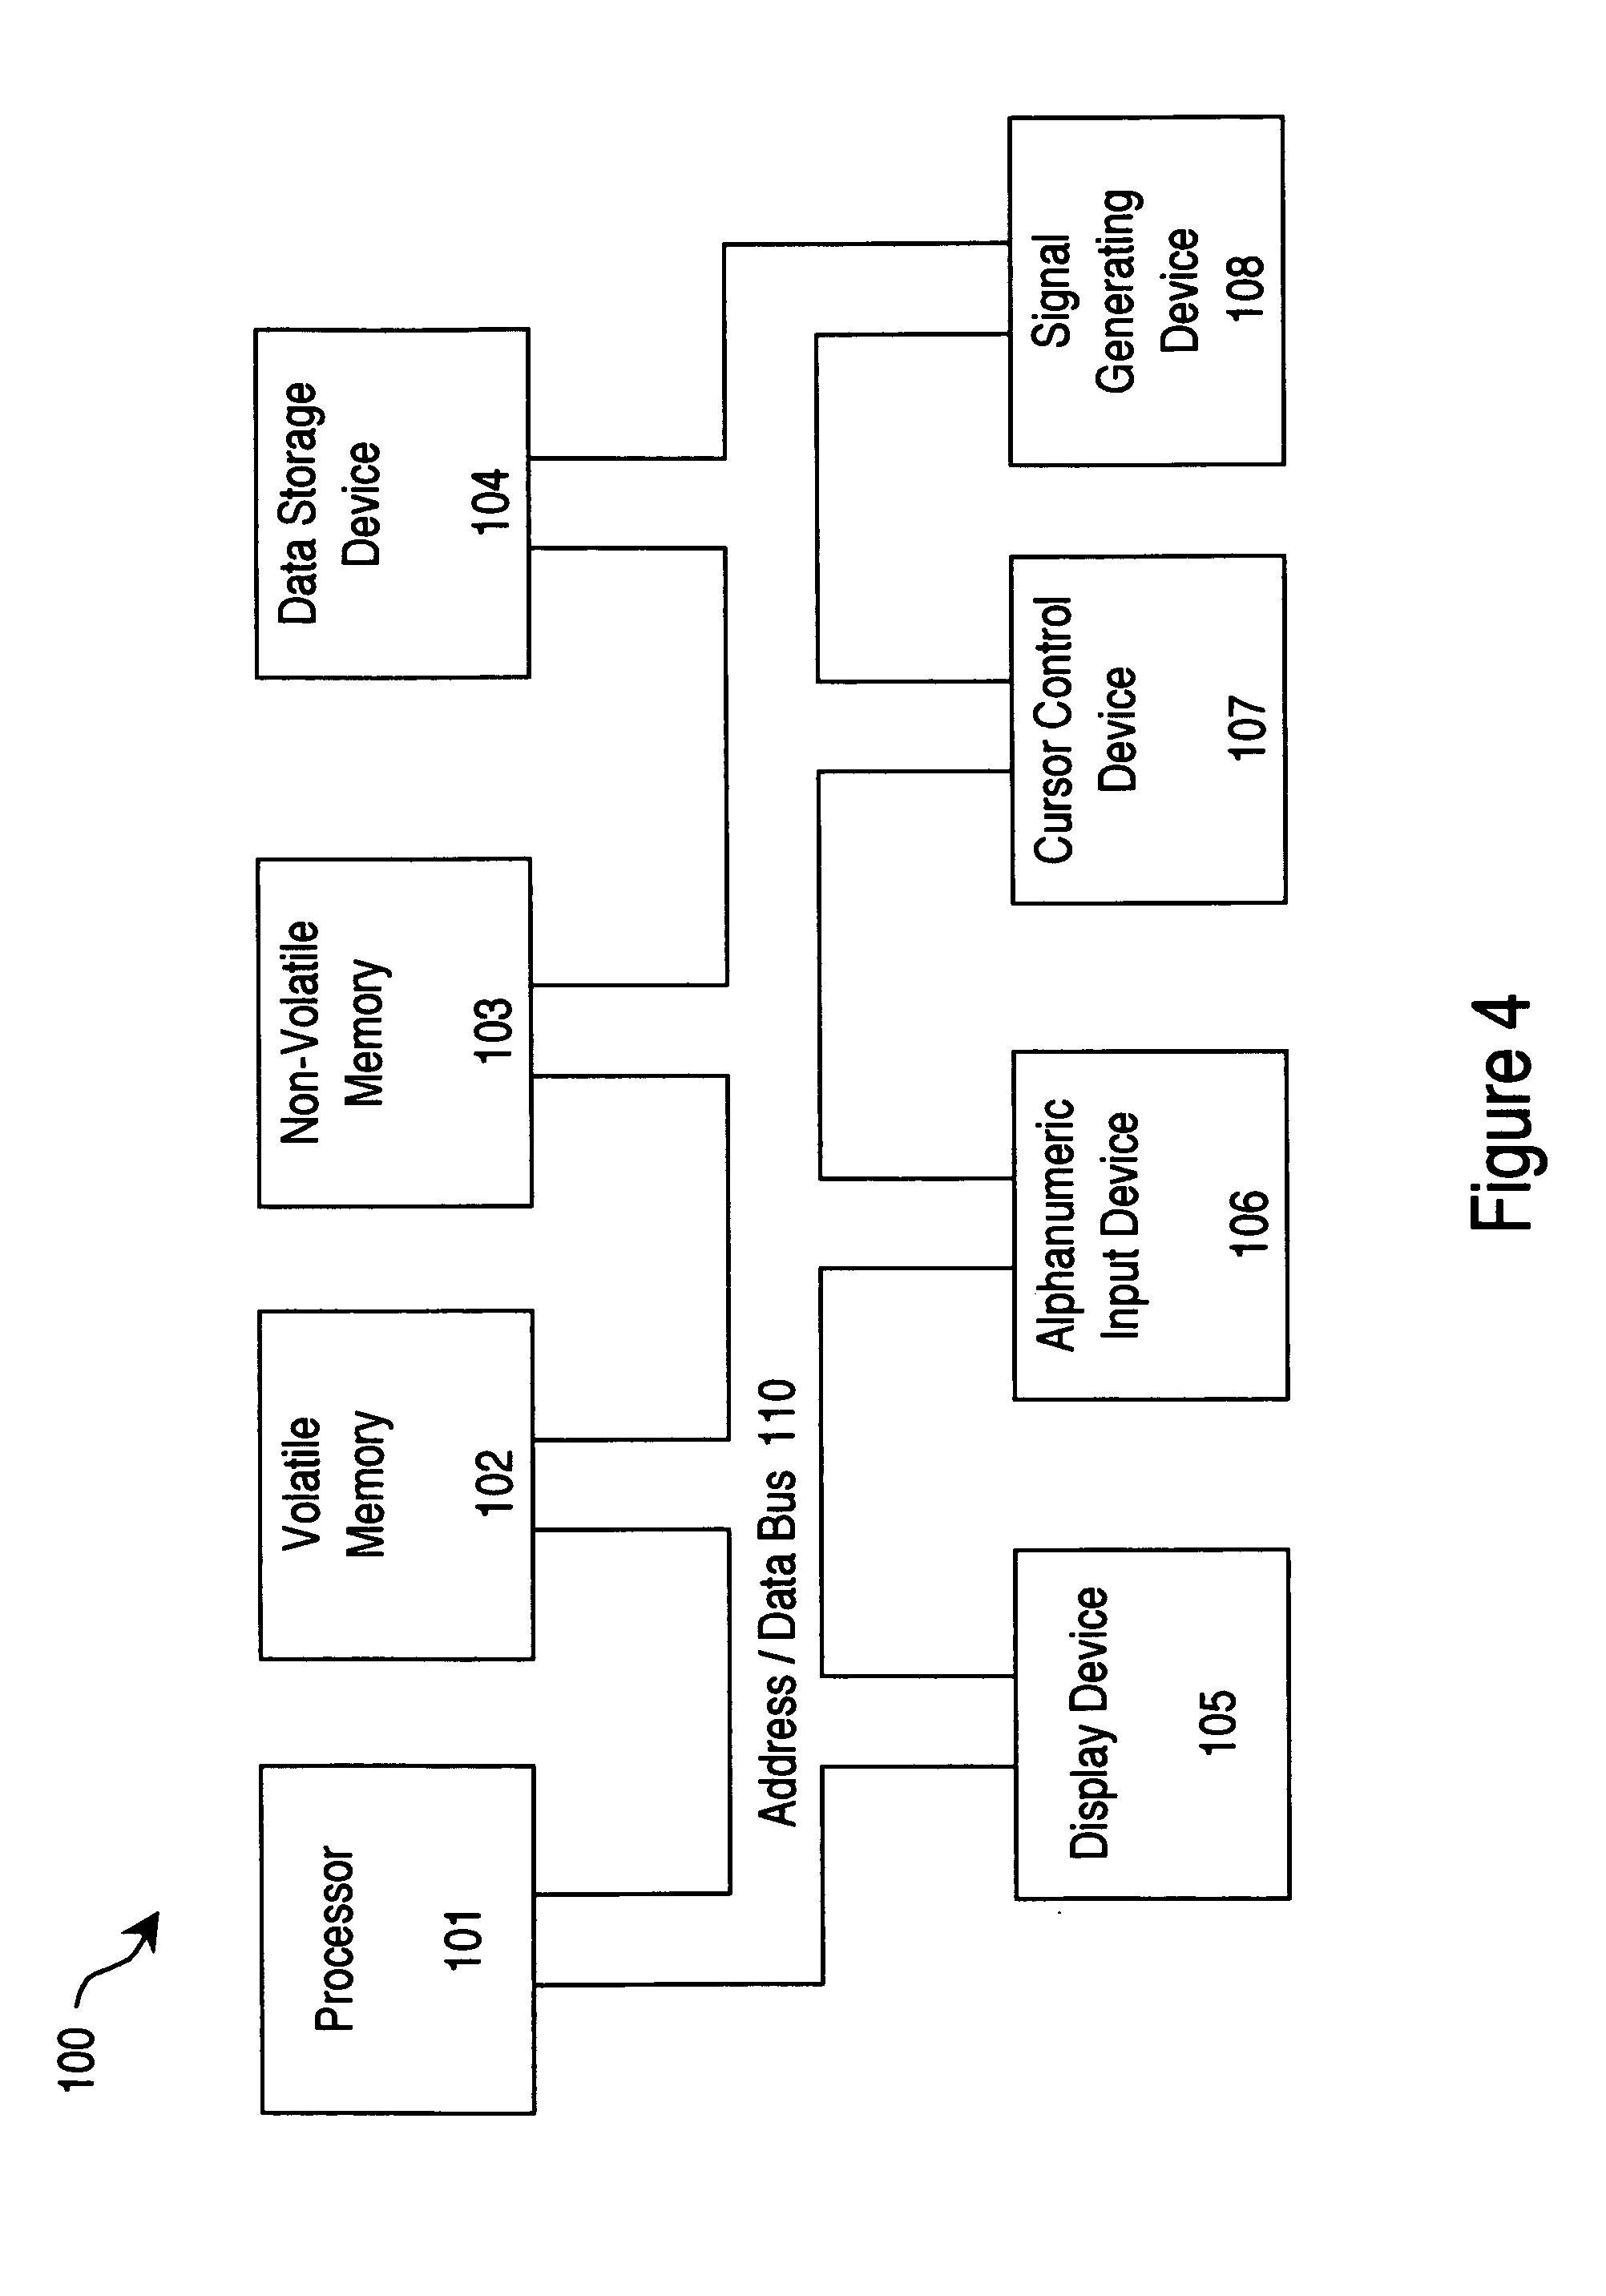 patent us7130278